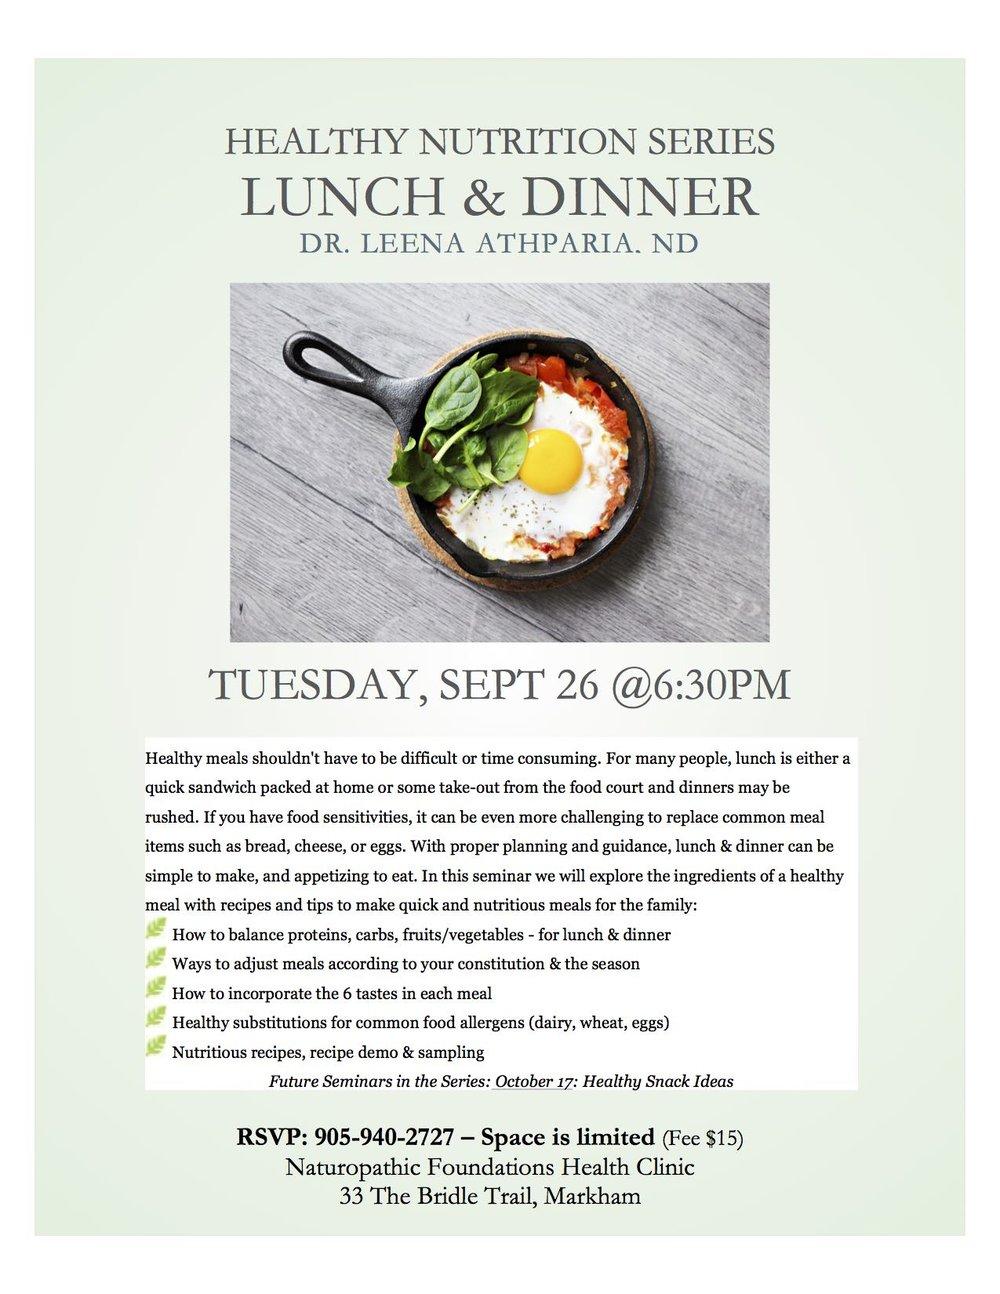 Workshop - Healthy Nutrition Series Lunch & Dinner.jpg